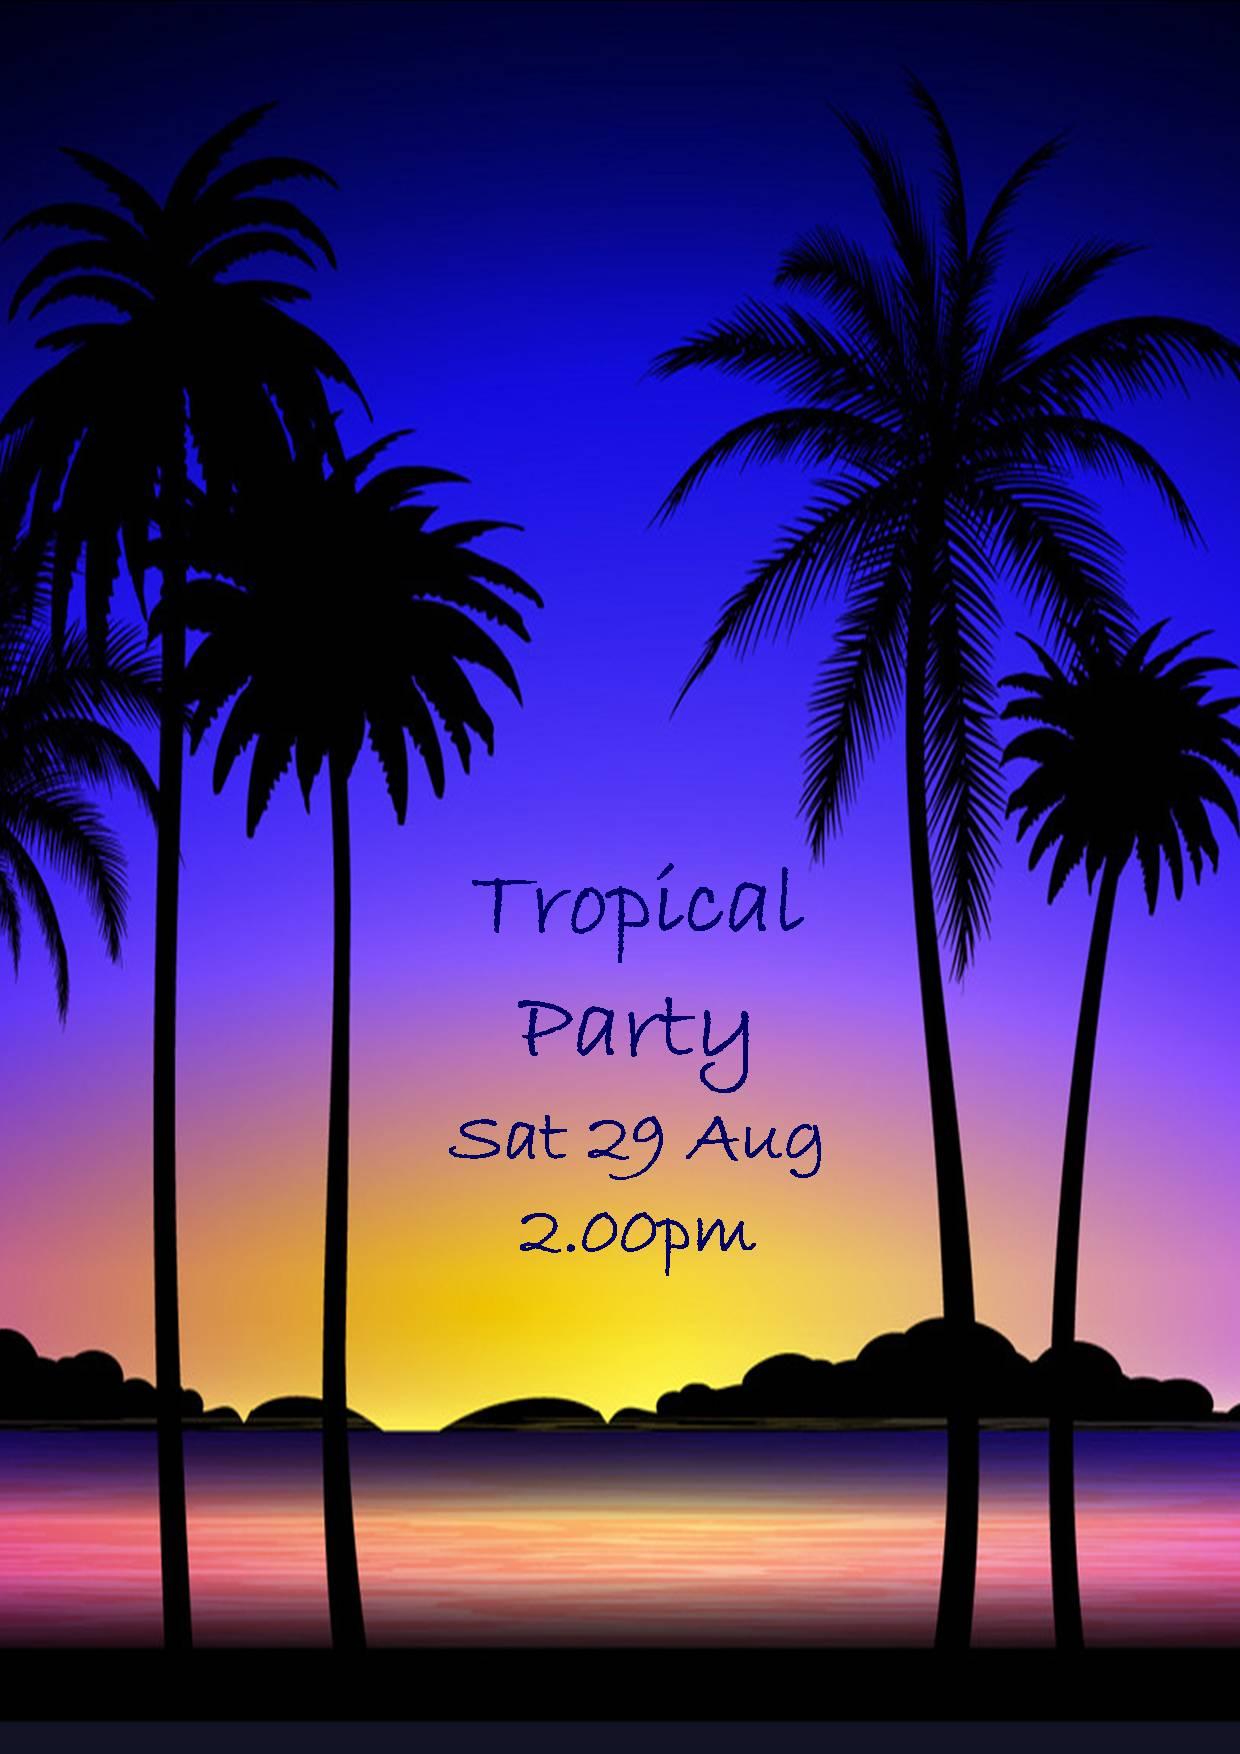 TROPICAL PARTY SAT 29 AUG 2.00PM!